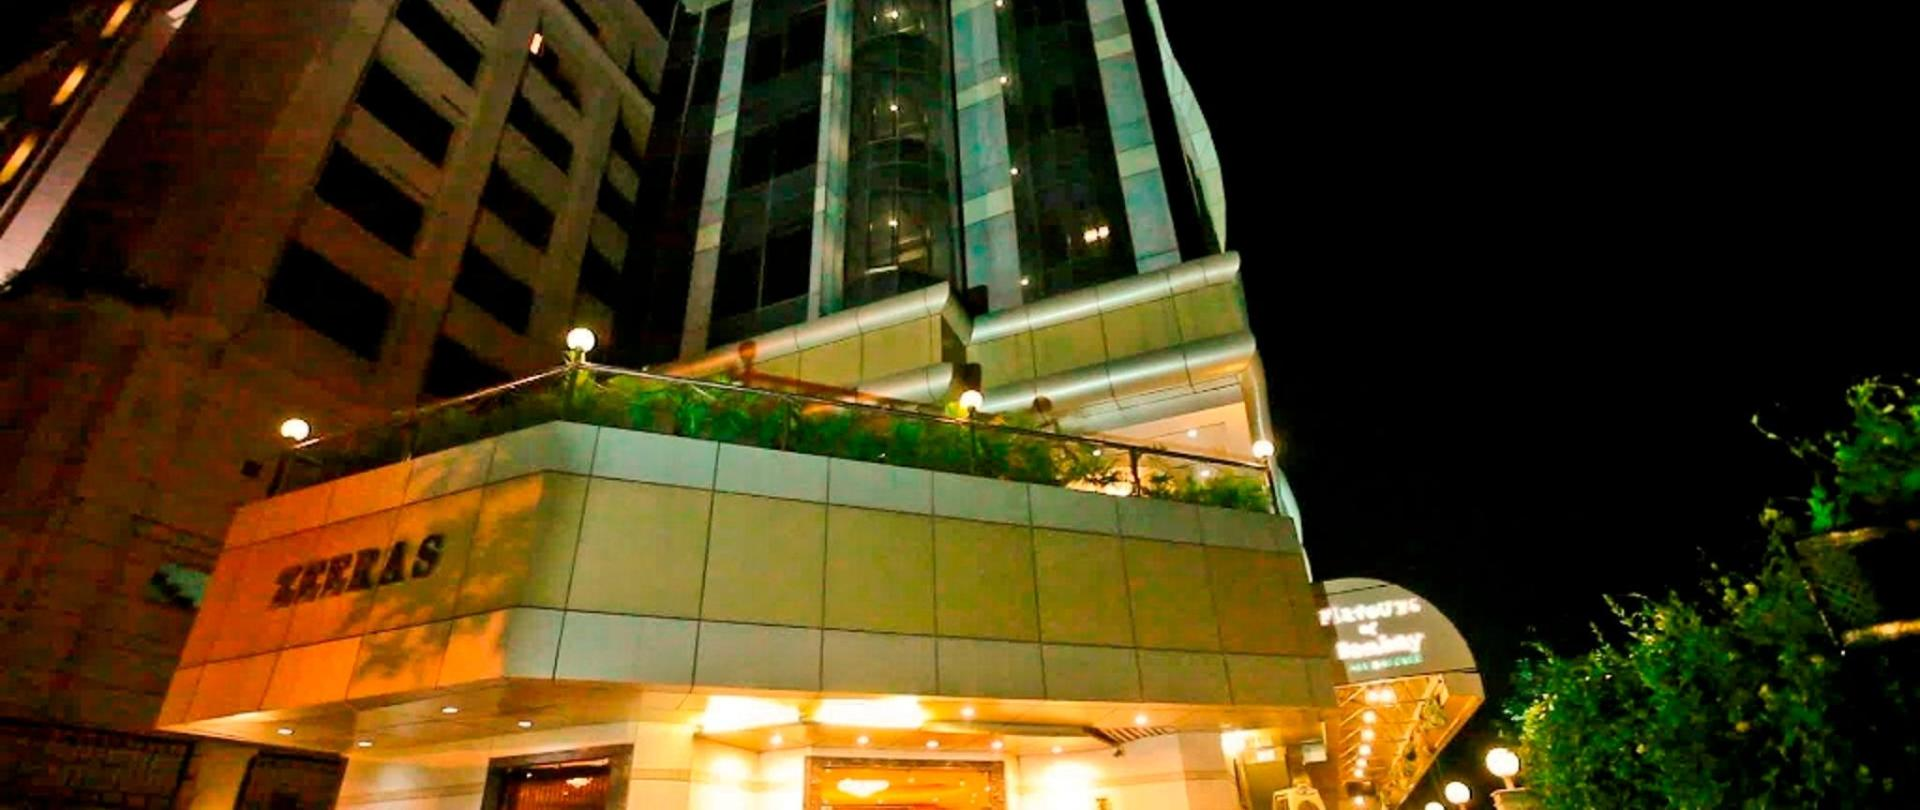 HOTEL EXTERIOR 3.jpg